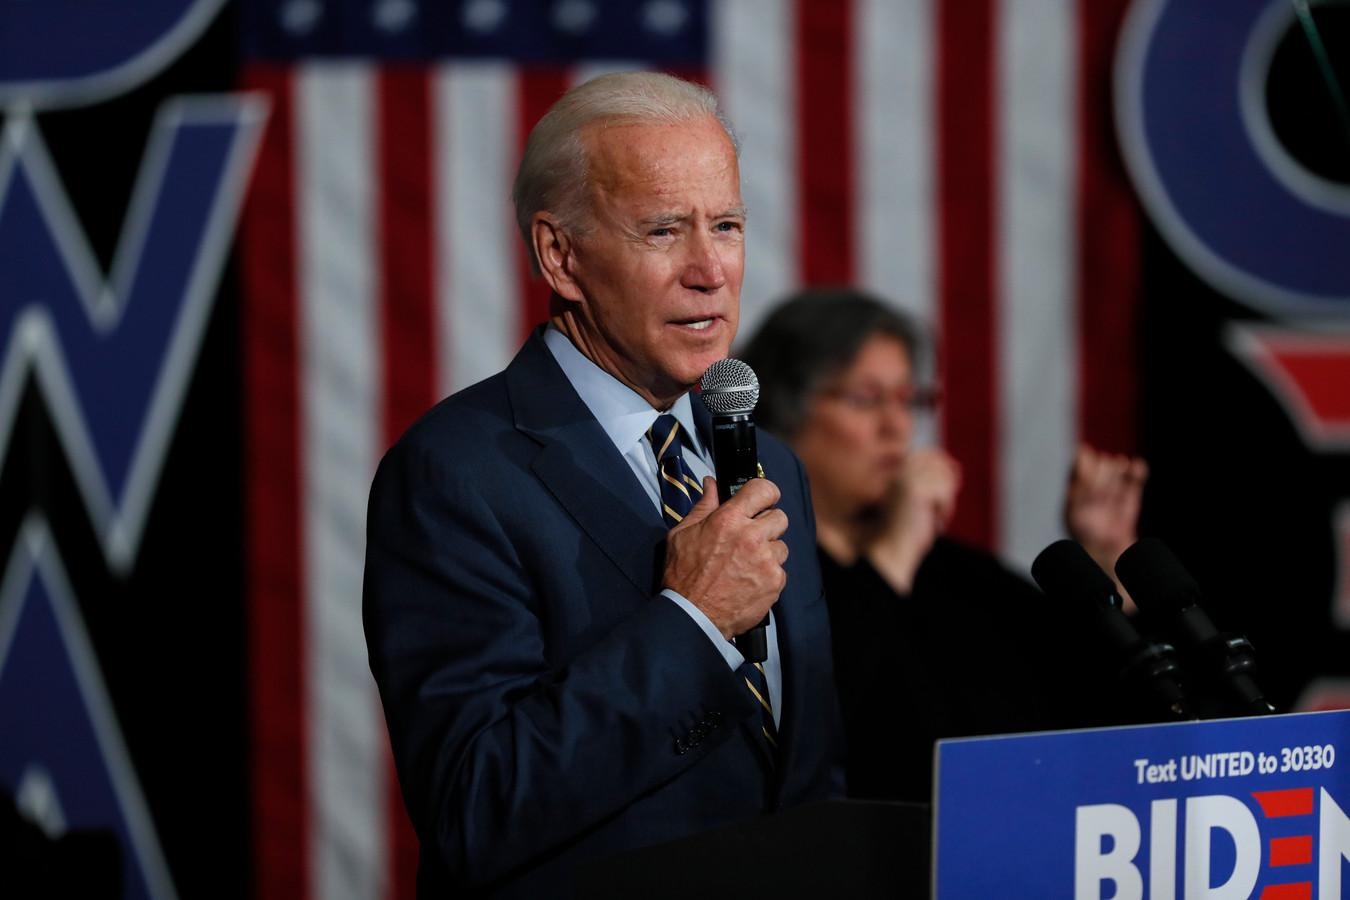 De Democratische presidentskandidaat en vroegere vicepresident Joe Biden tijdens een campagnebijeenkomst in Oskaloosa, Iowa.